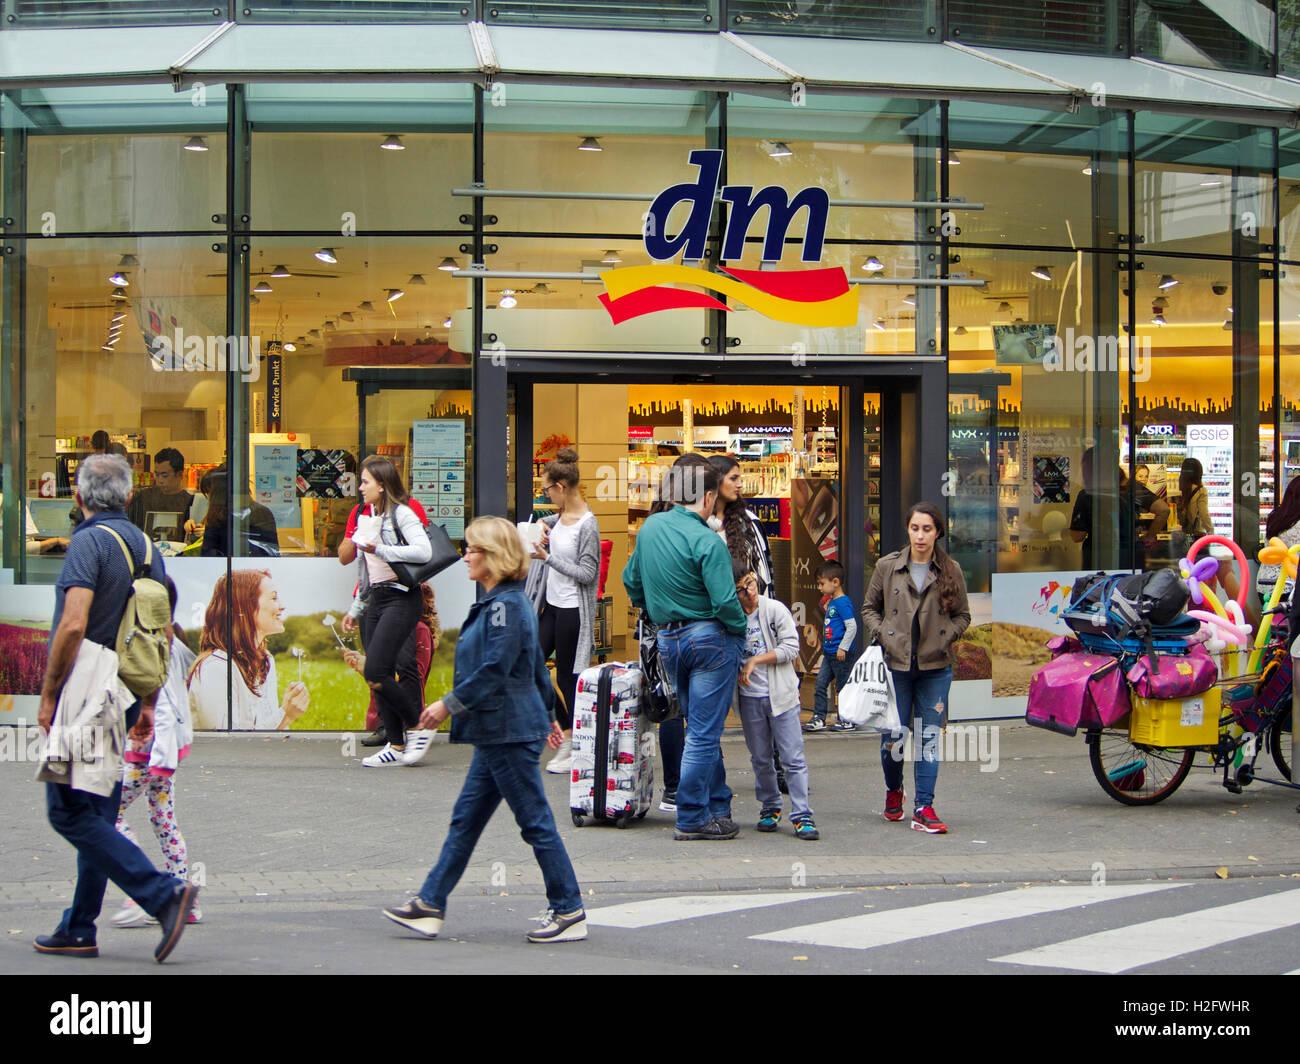 Détaillant allemand DM Drogerie Markt shop chaîne à Cologne, Allemagne  Photo Stock a105b3e87a8d